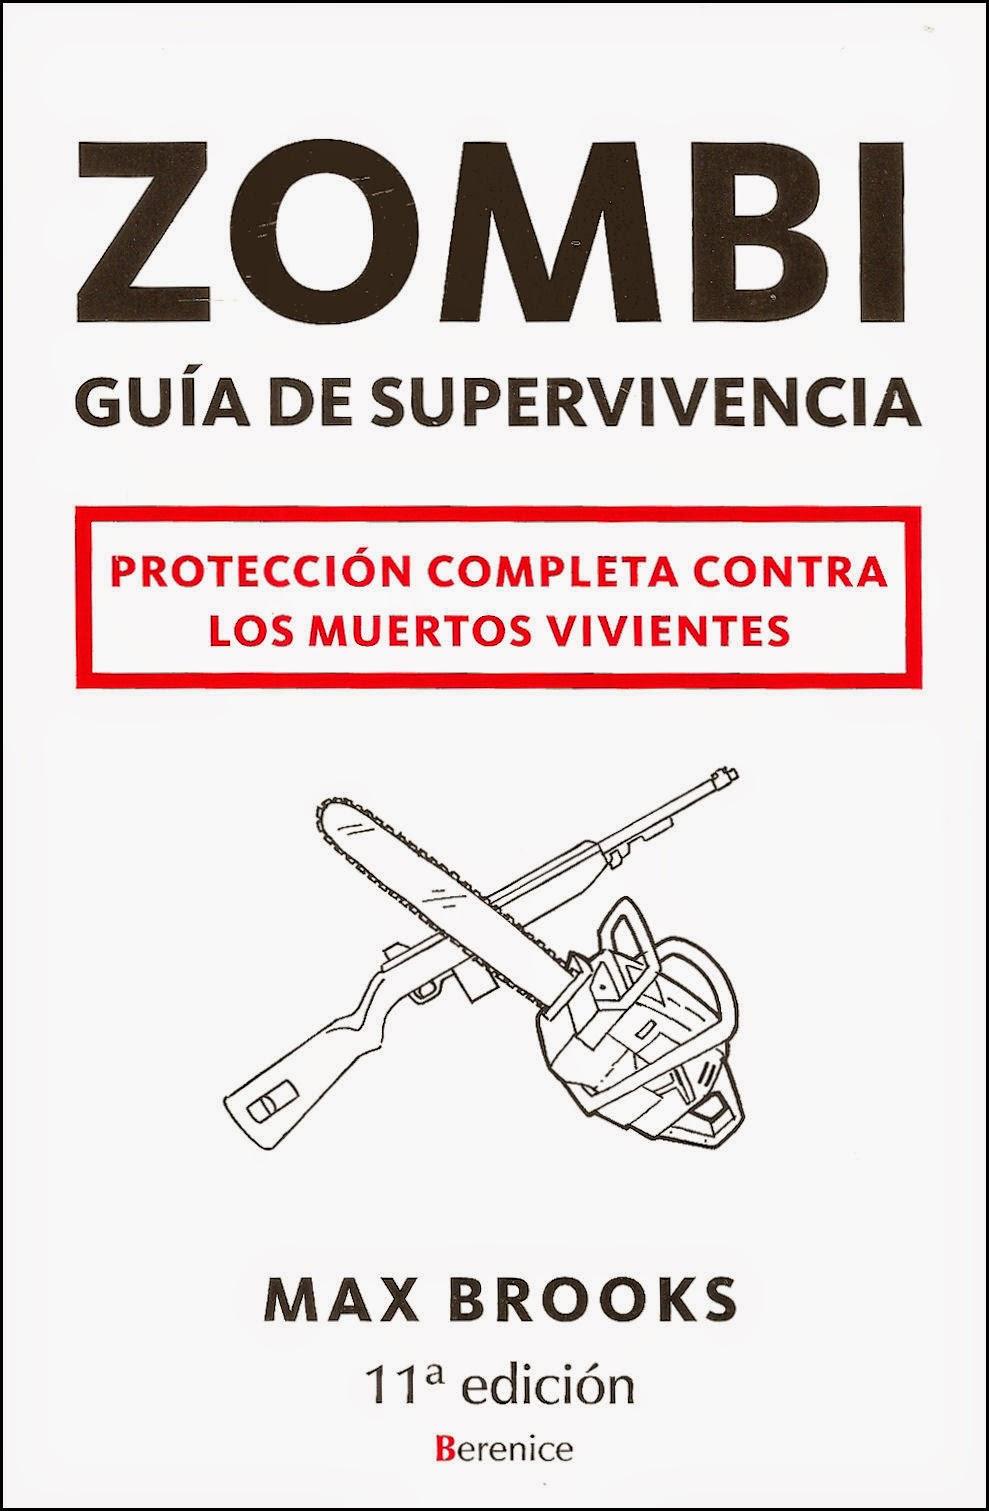 La guía de supervivencia zombie, de Max Brooks.